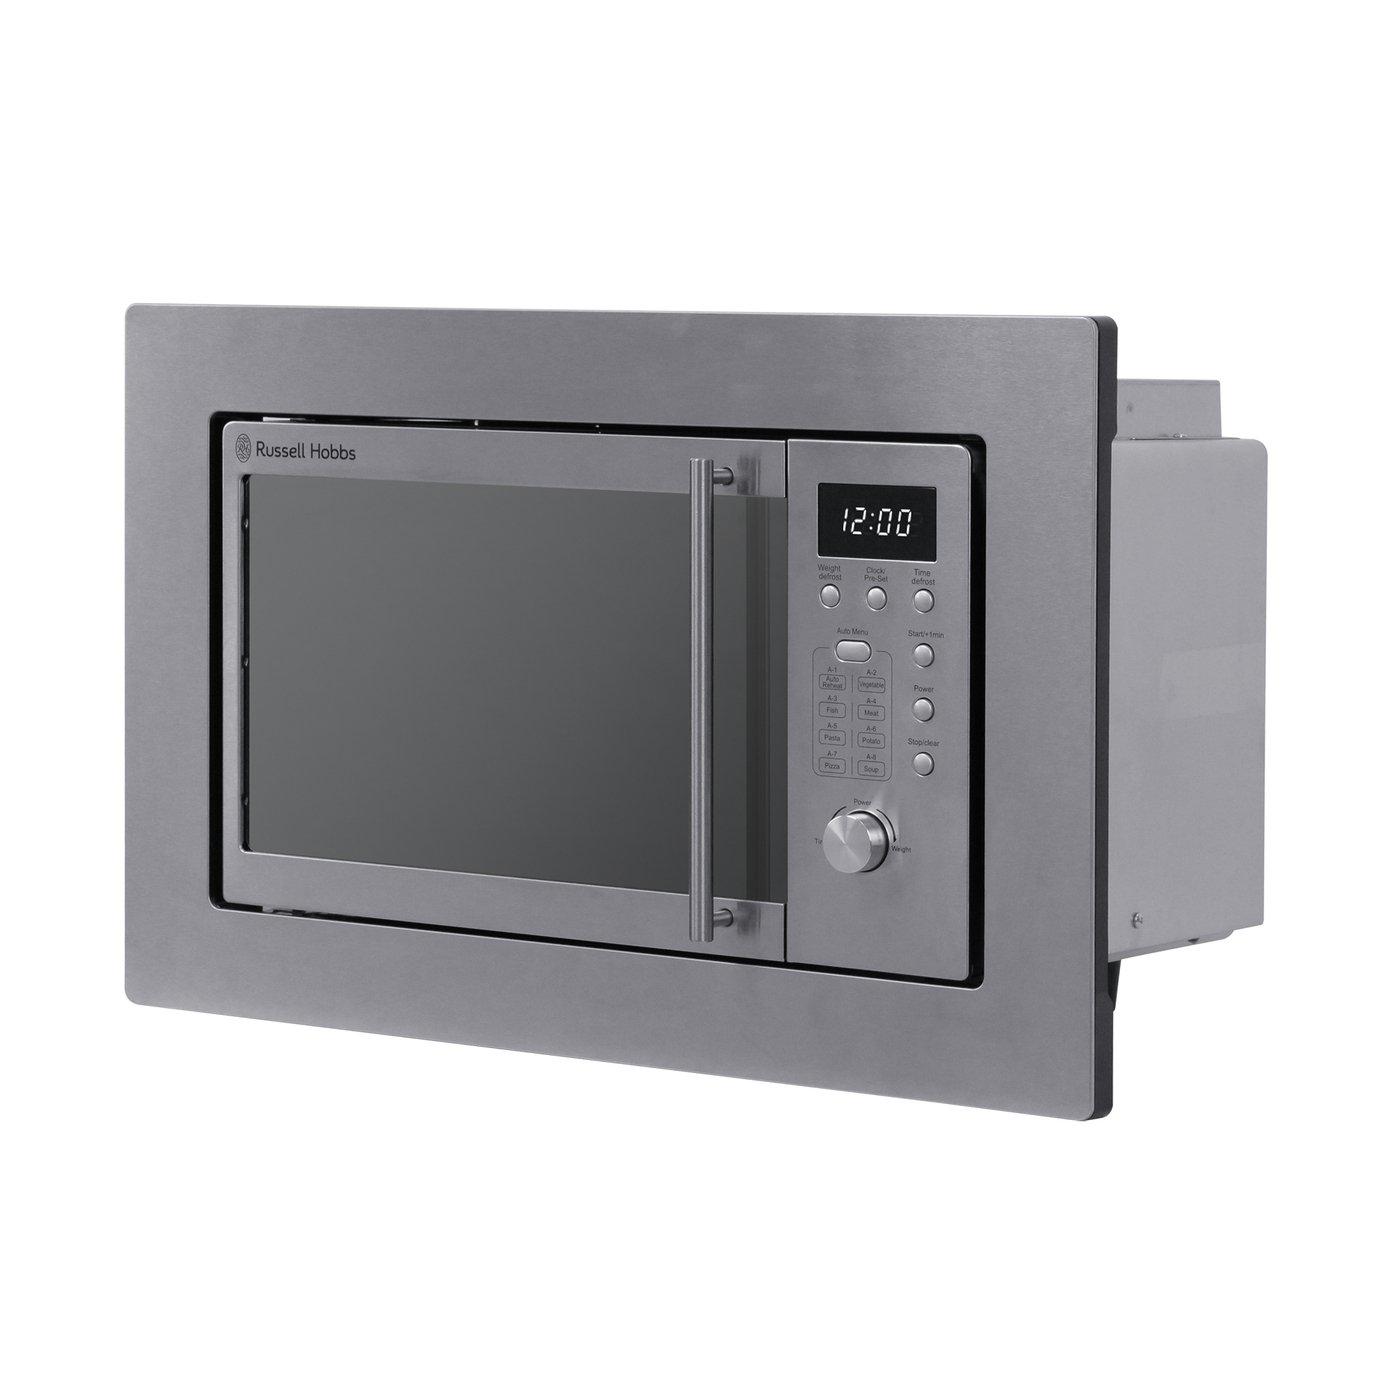 Russell Hobbs RHBM2001 800W Built in Microwave - S/Steel